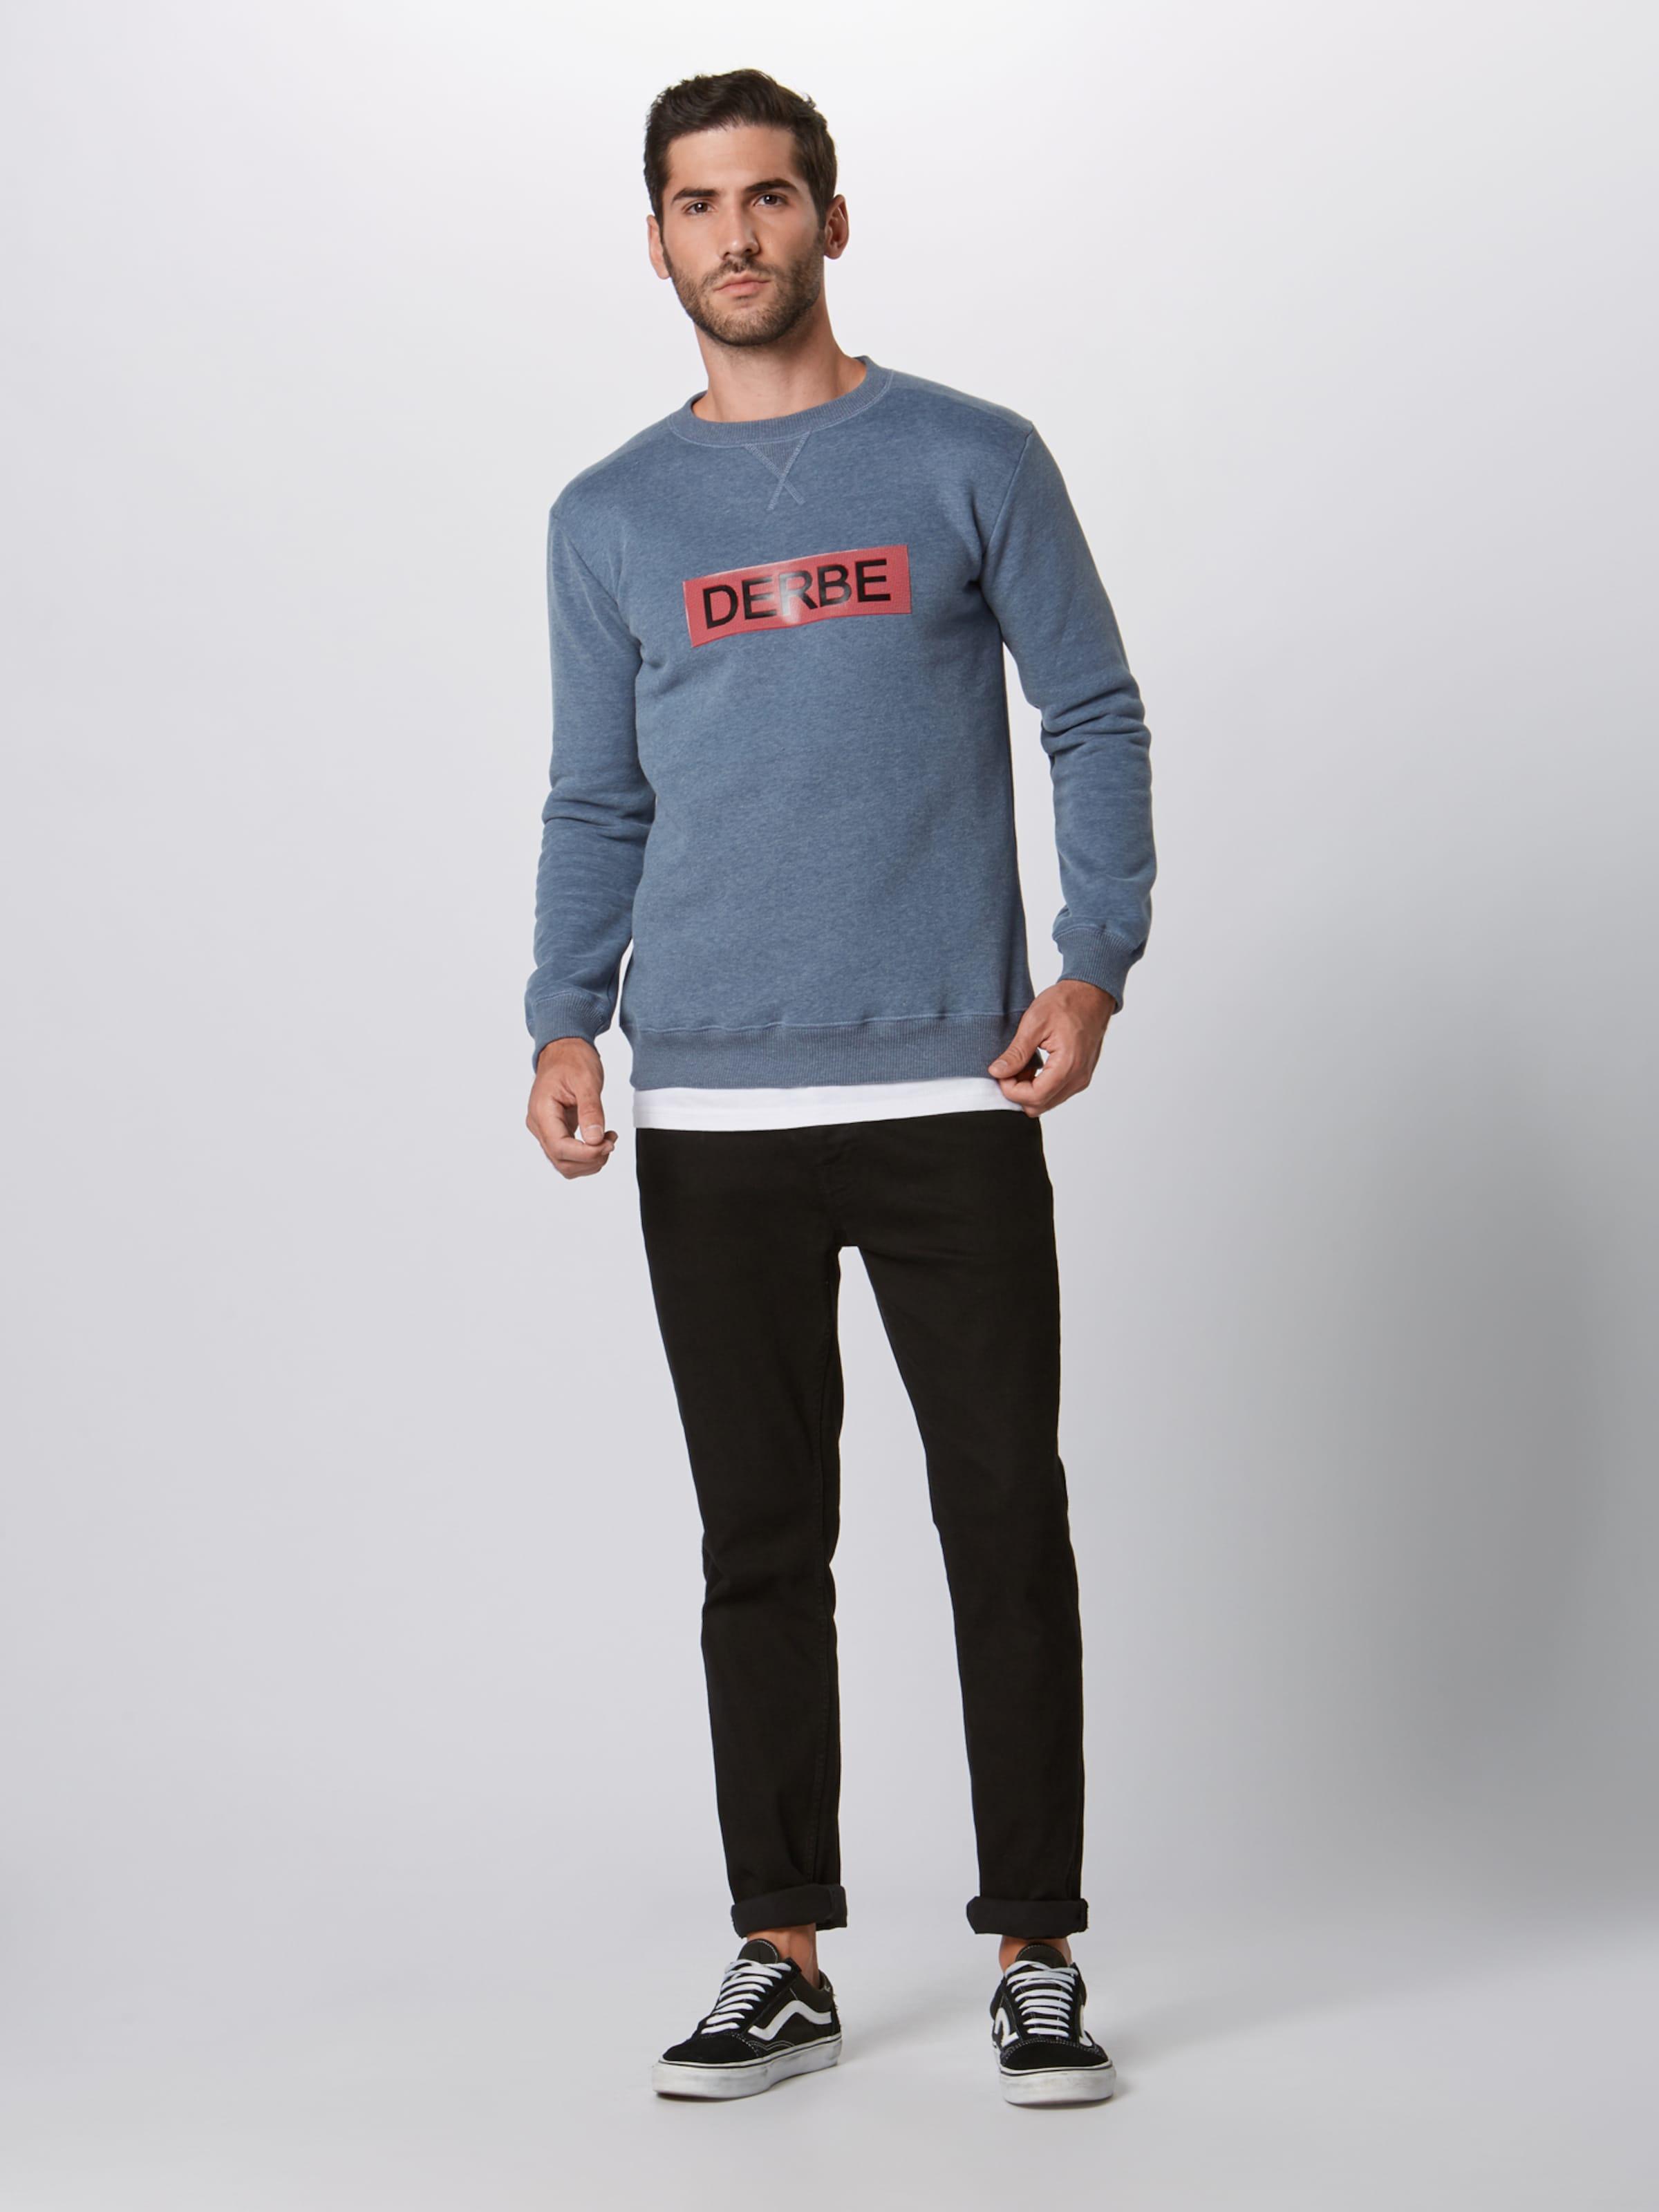 In Sweatshirt In Navy Derbe Sweatshirt 'viggo' Derbe Sweatshirt 'viggo' Navy 'viggo' Derbe htQrsd